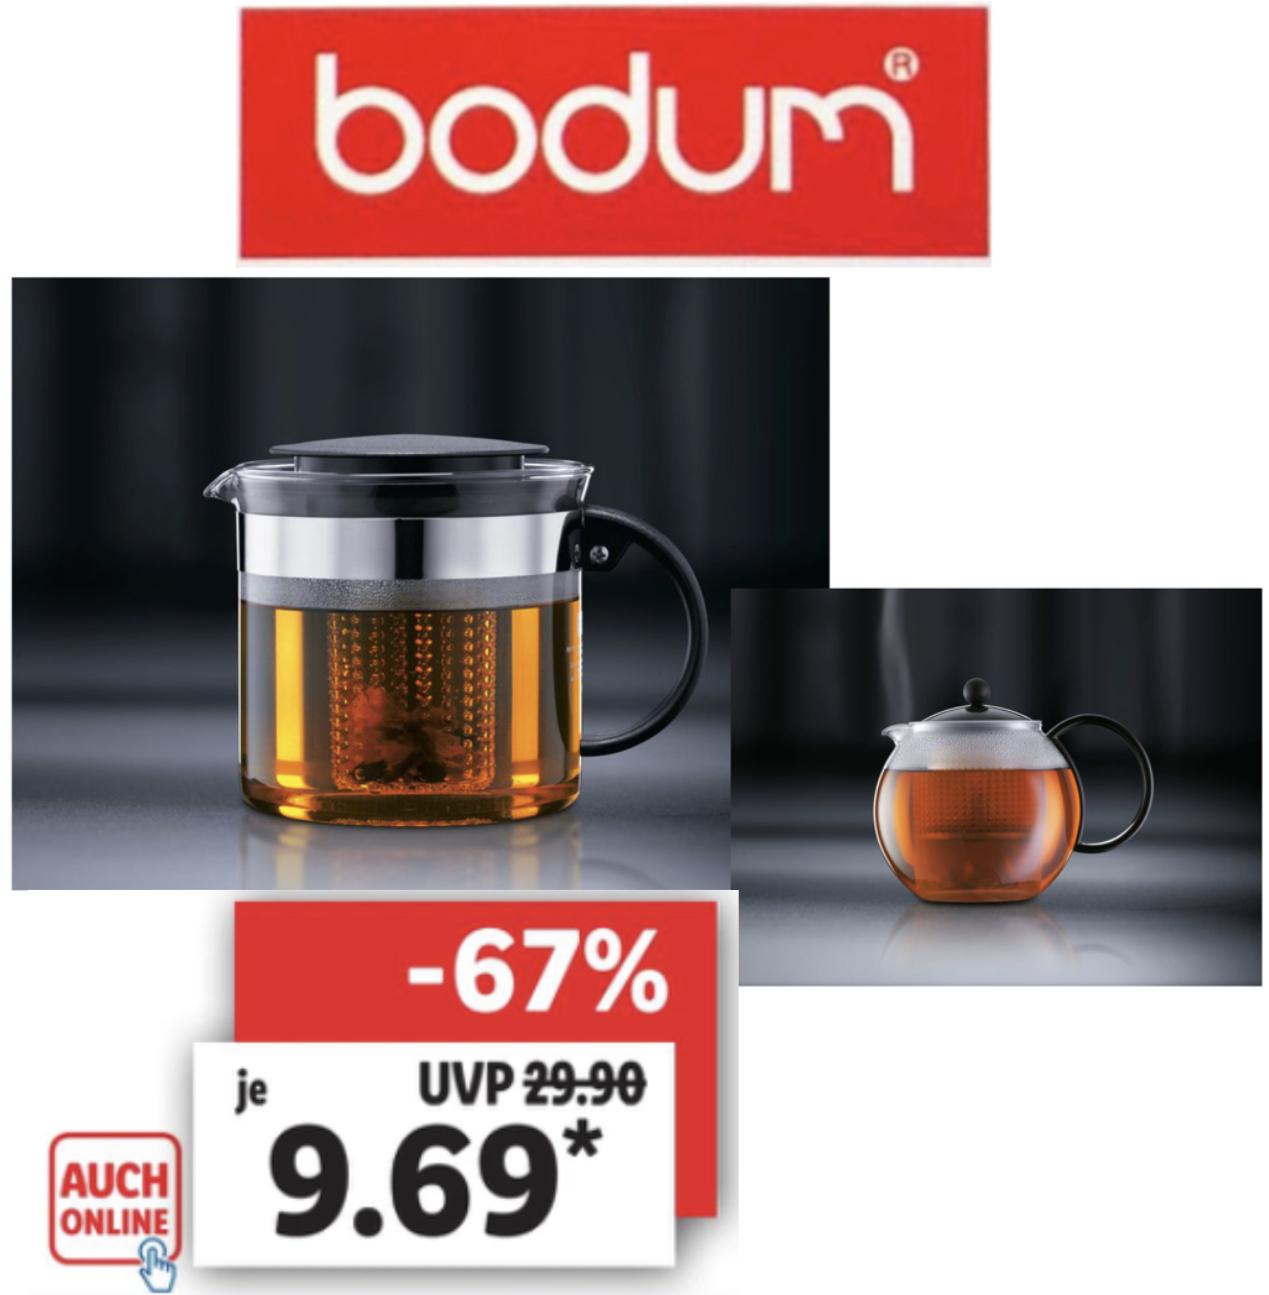 Bodum Bistro Nouveau oder Assam Teebereiter 1,0 Liter je 9,69€ / Bodum Kaffeebereiter o. Milchaufschäumer je 12,60€ / Kaffeemühle 12,60€